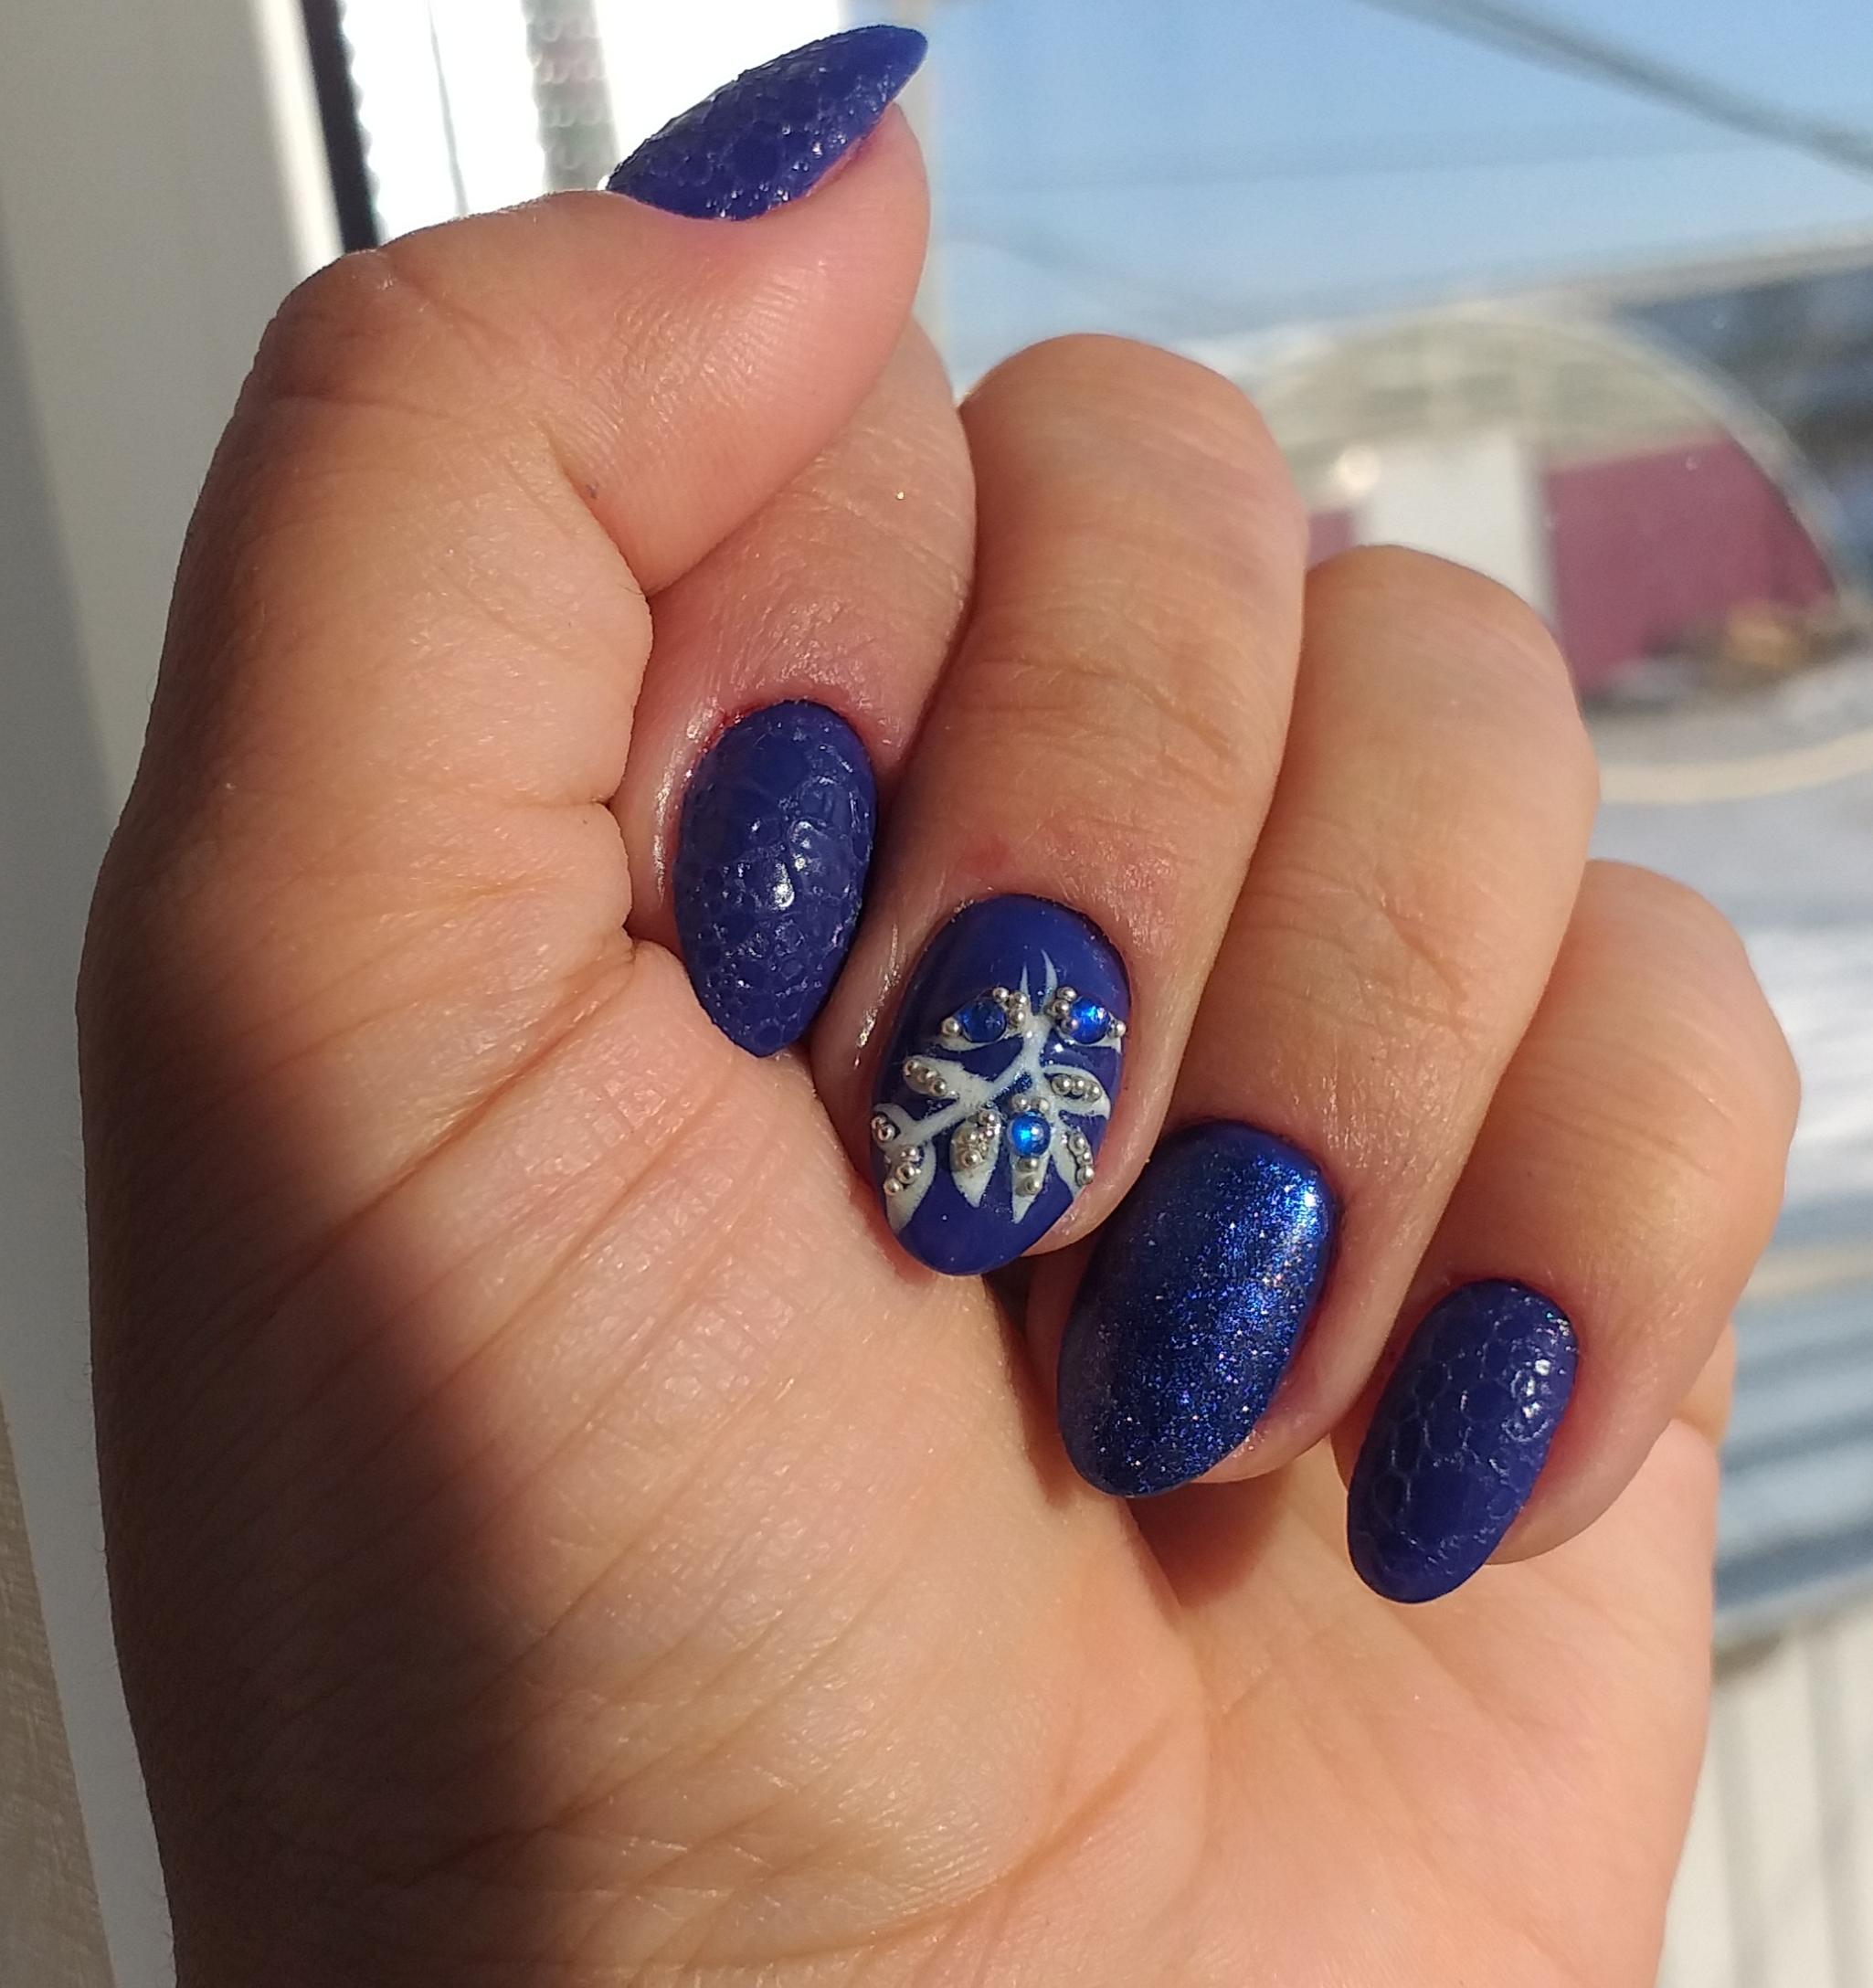 Bubble-маникюр в синем цвете в рисунком и стразами.